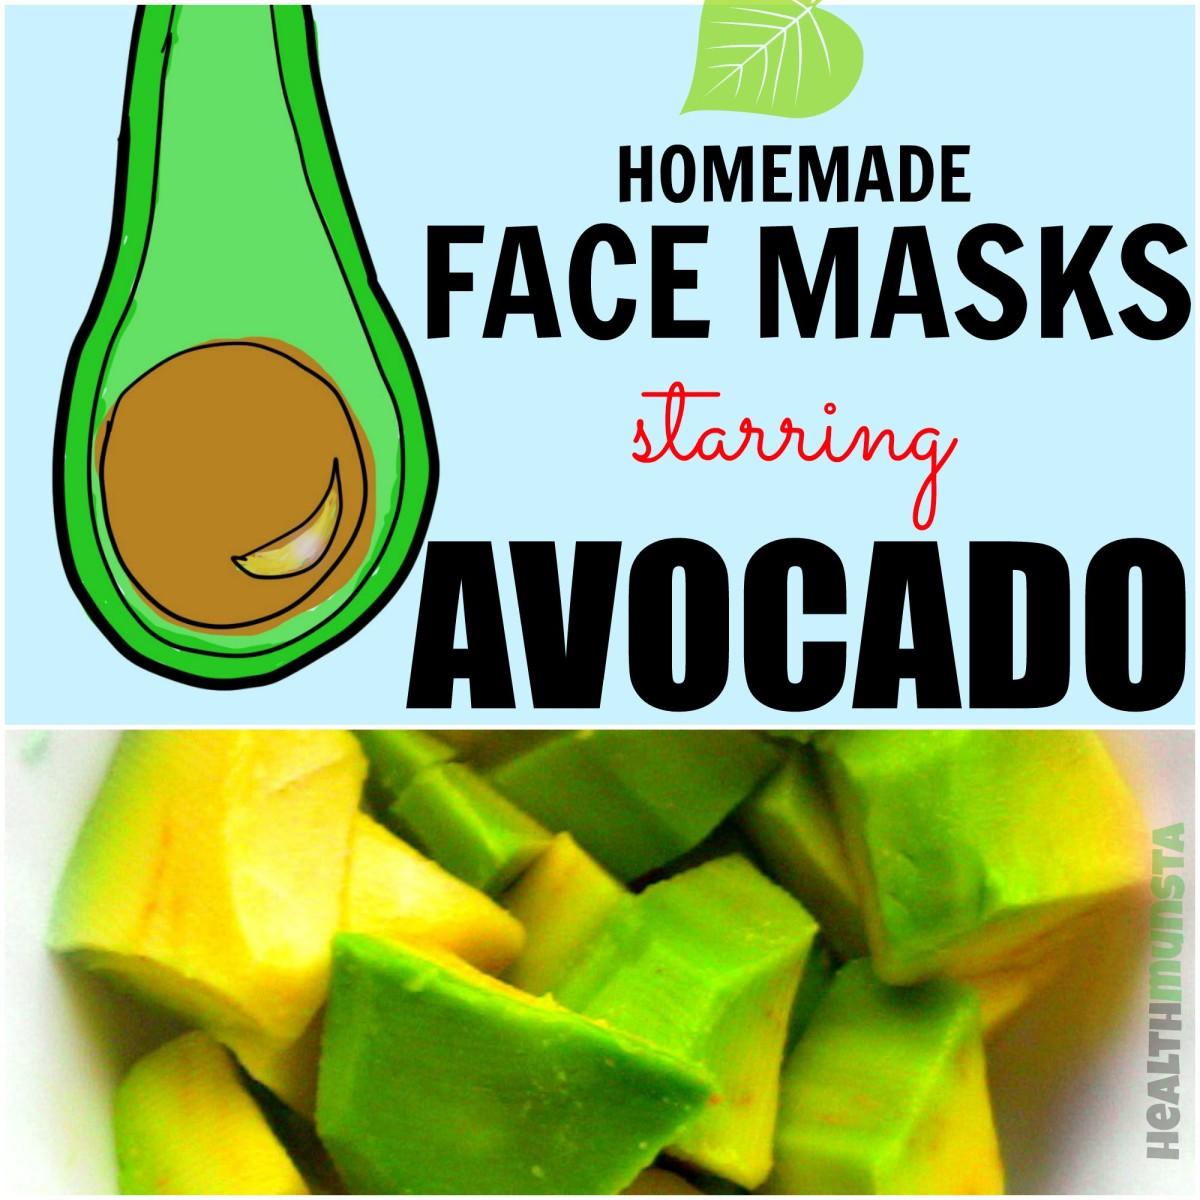 Homemade Beauty: Amazing Avocado Face Mask Recipes